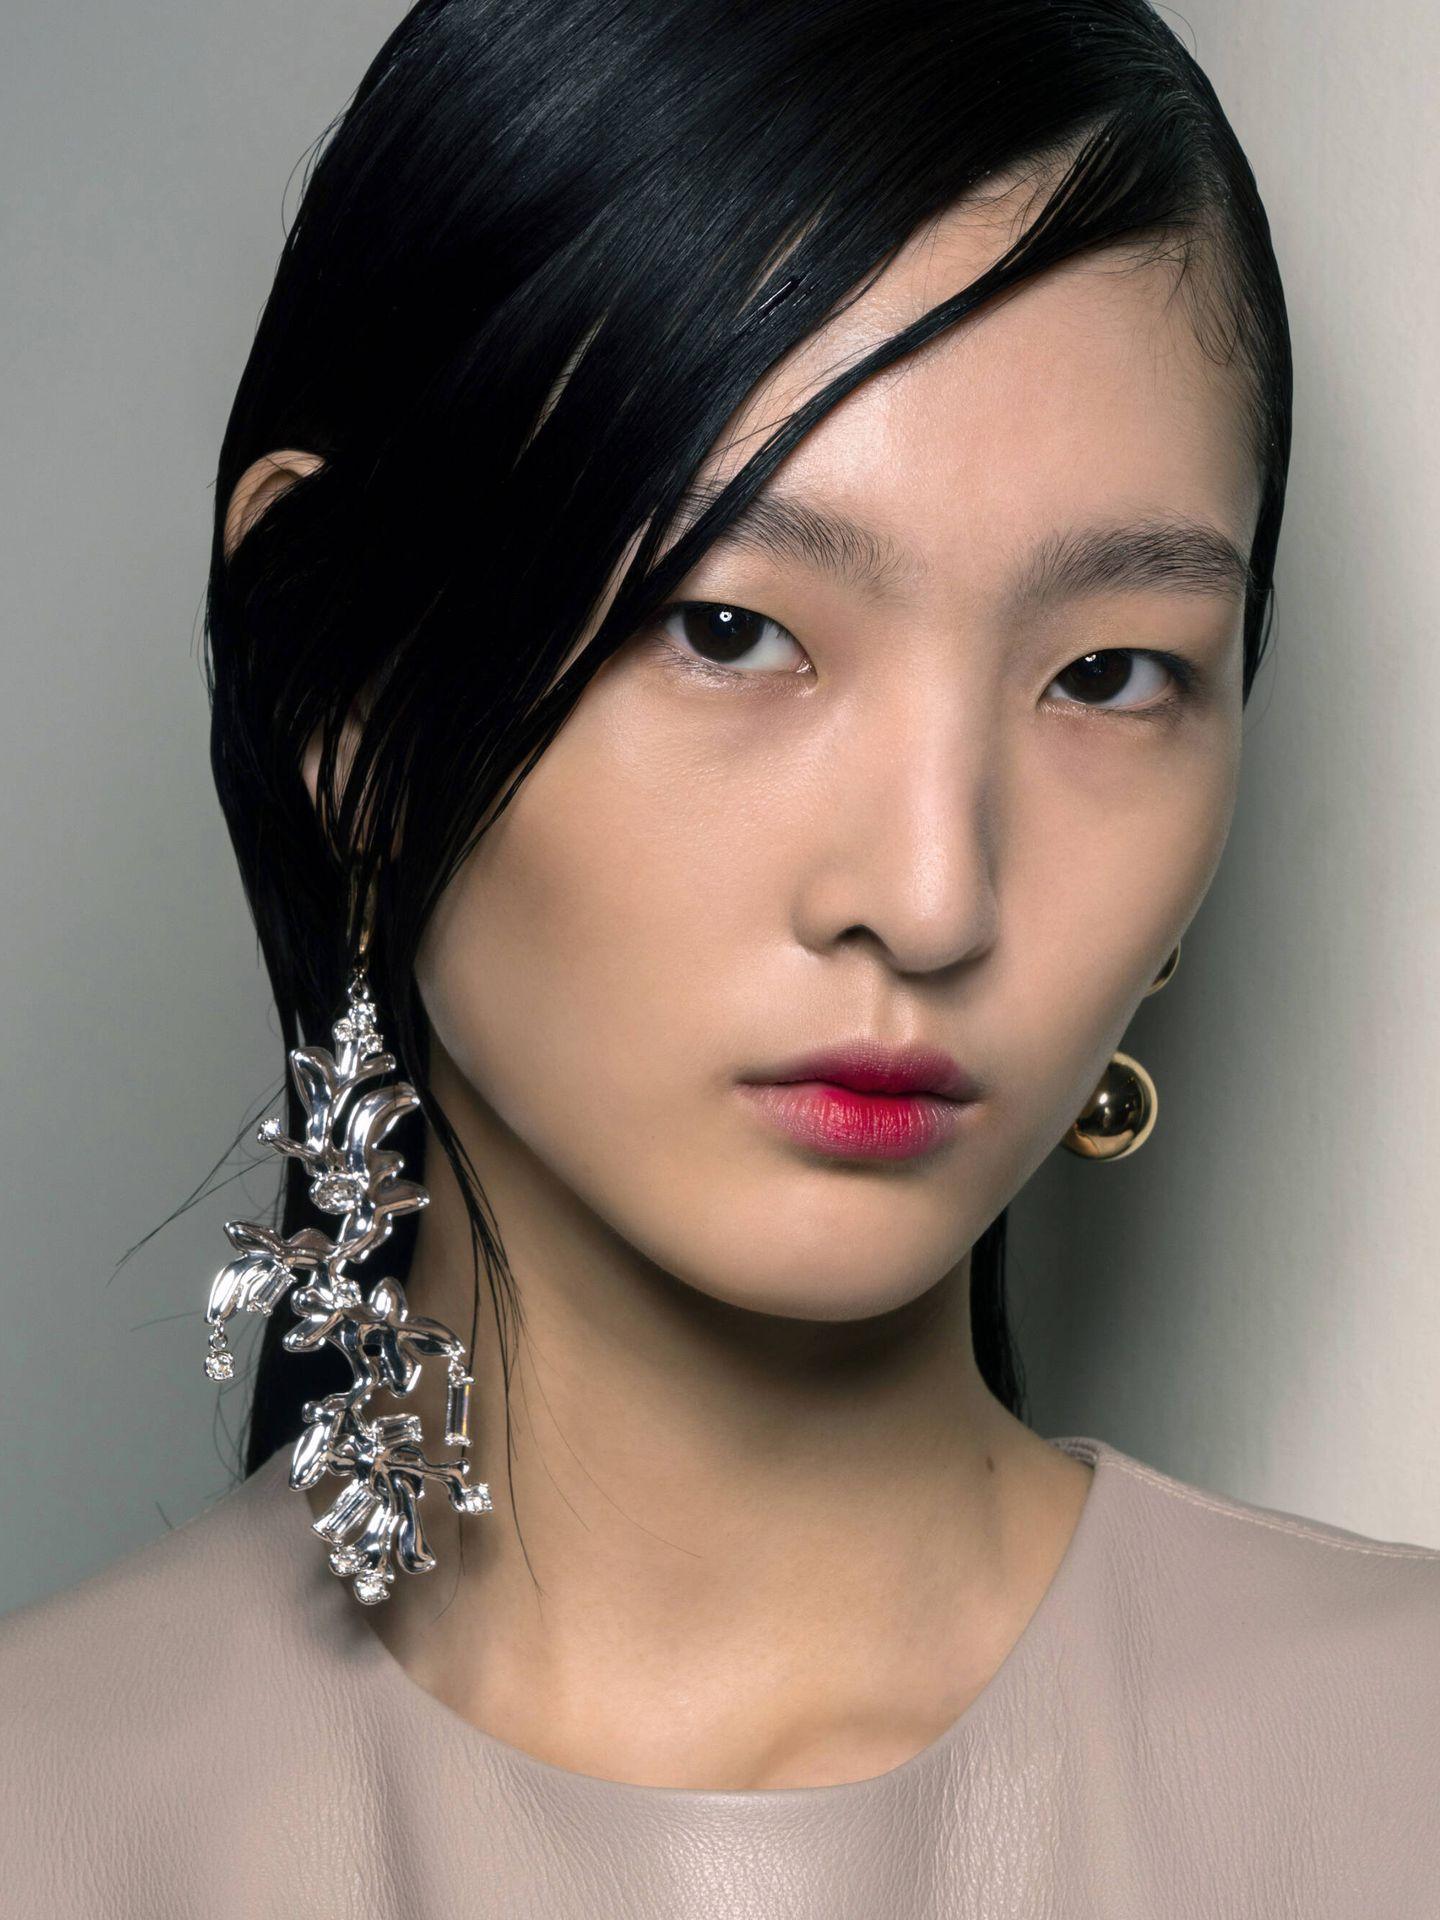 A la hora de pintar los labios, las comisuras son una de las partes más complicadas de maquillar. (Imaxtree)